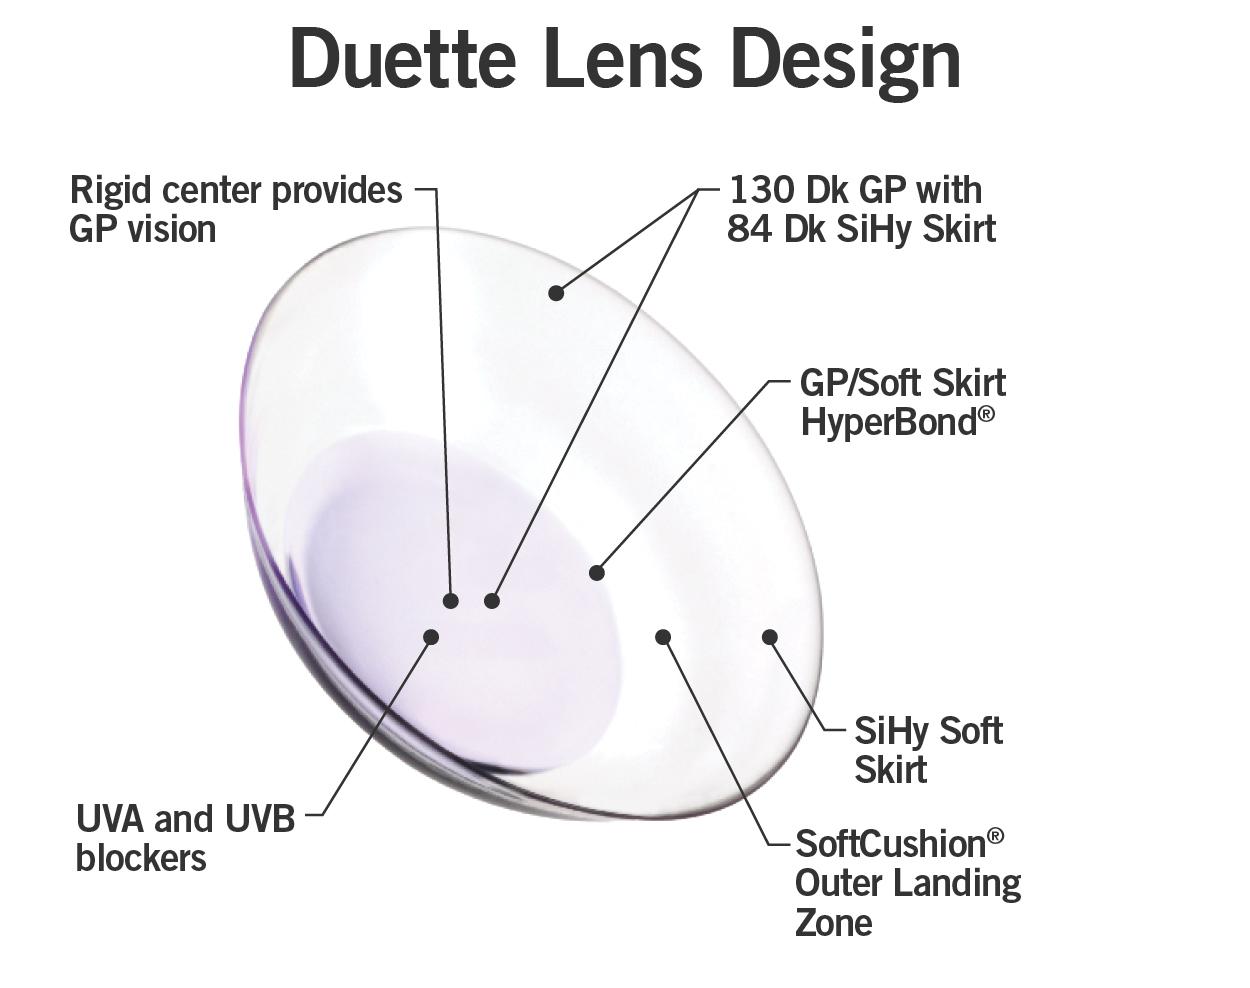 Duette Lens Design.jpg